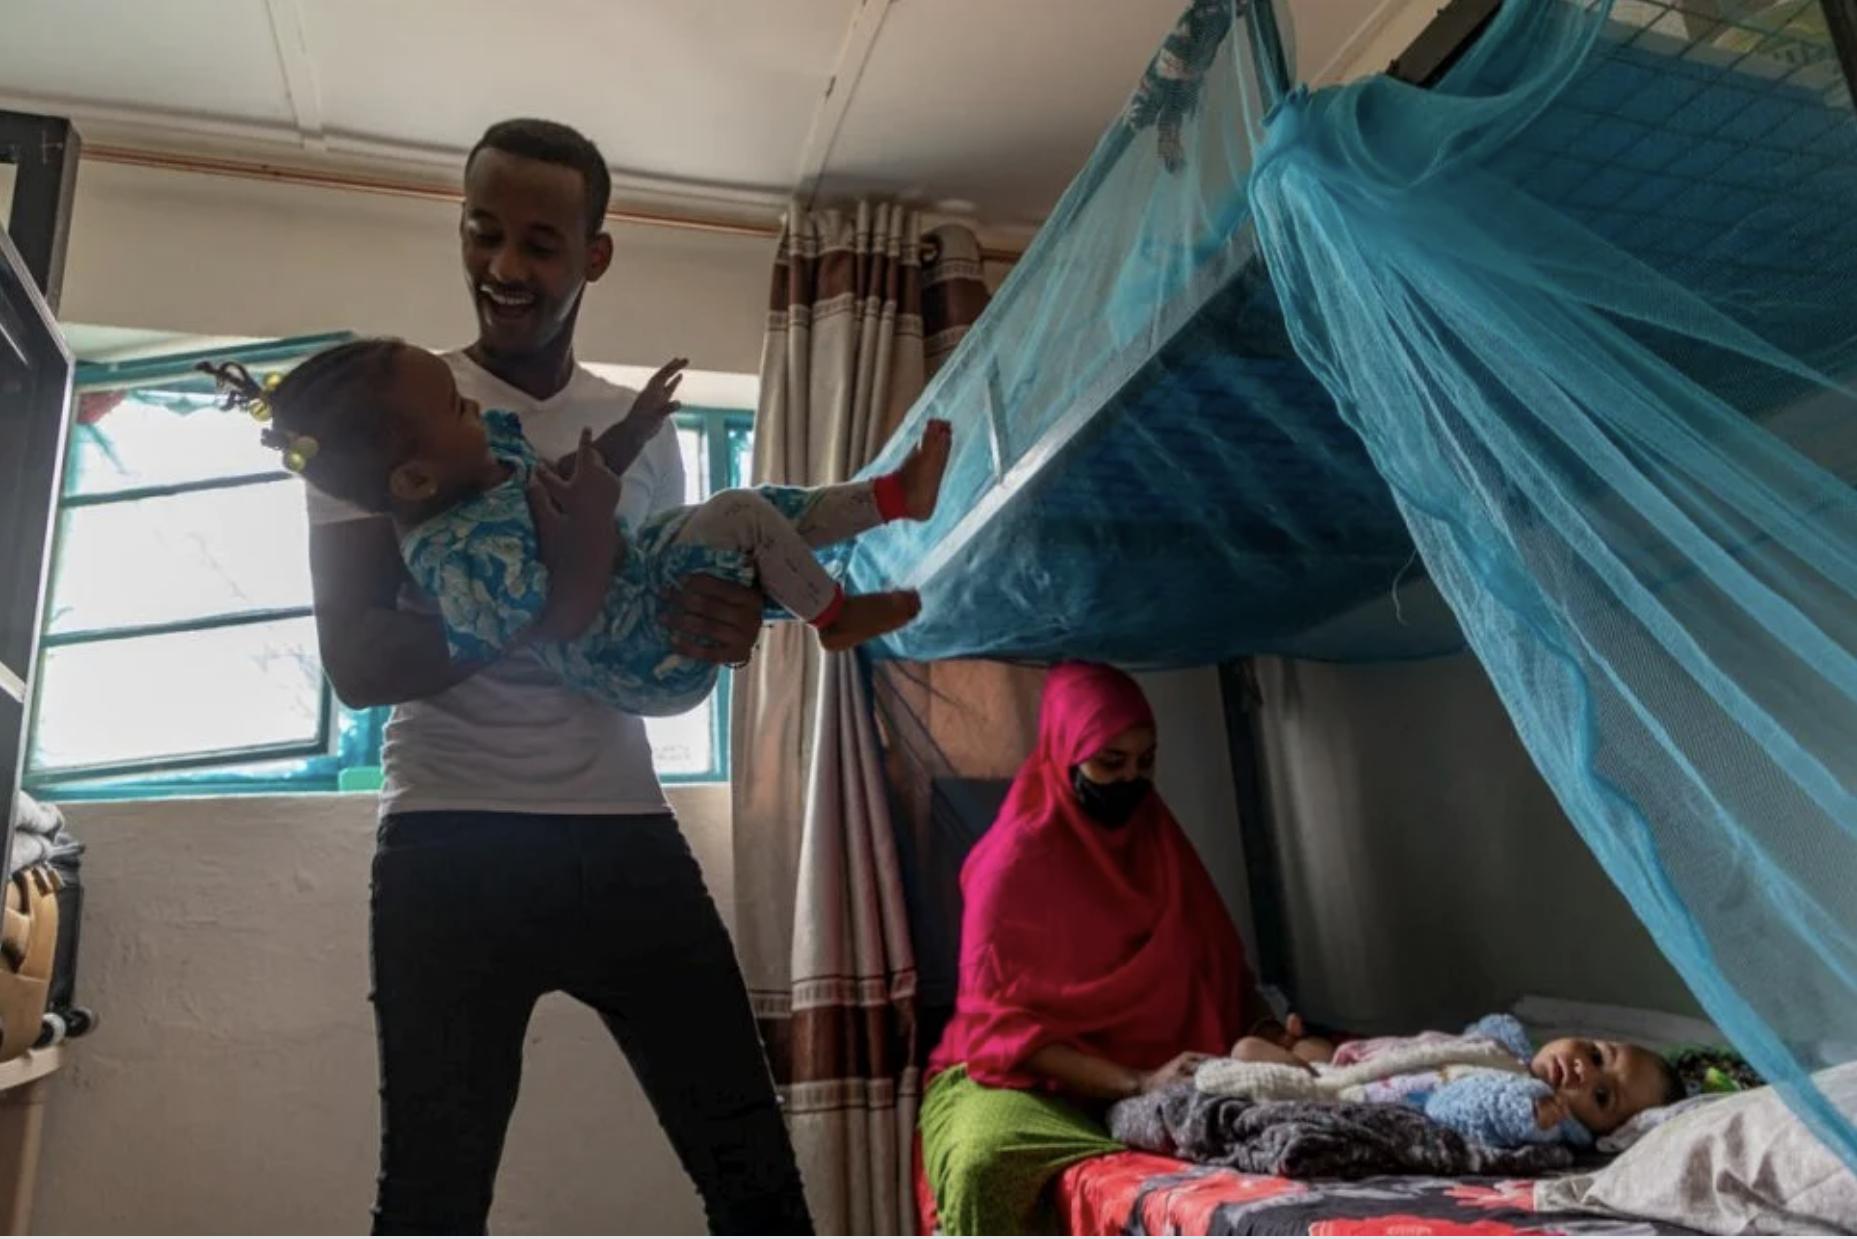 Grandi praises Rwanda for offering life-saving haven for refugees